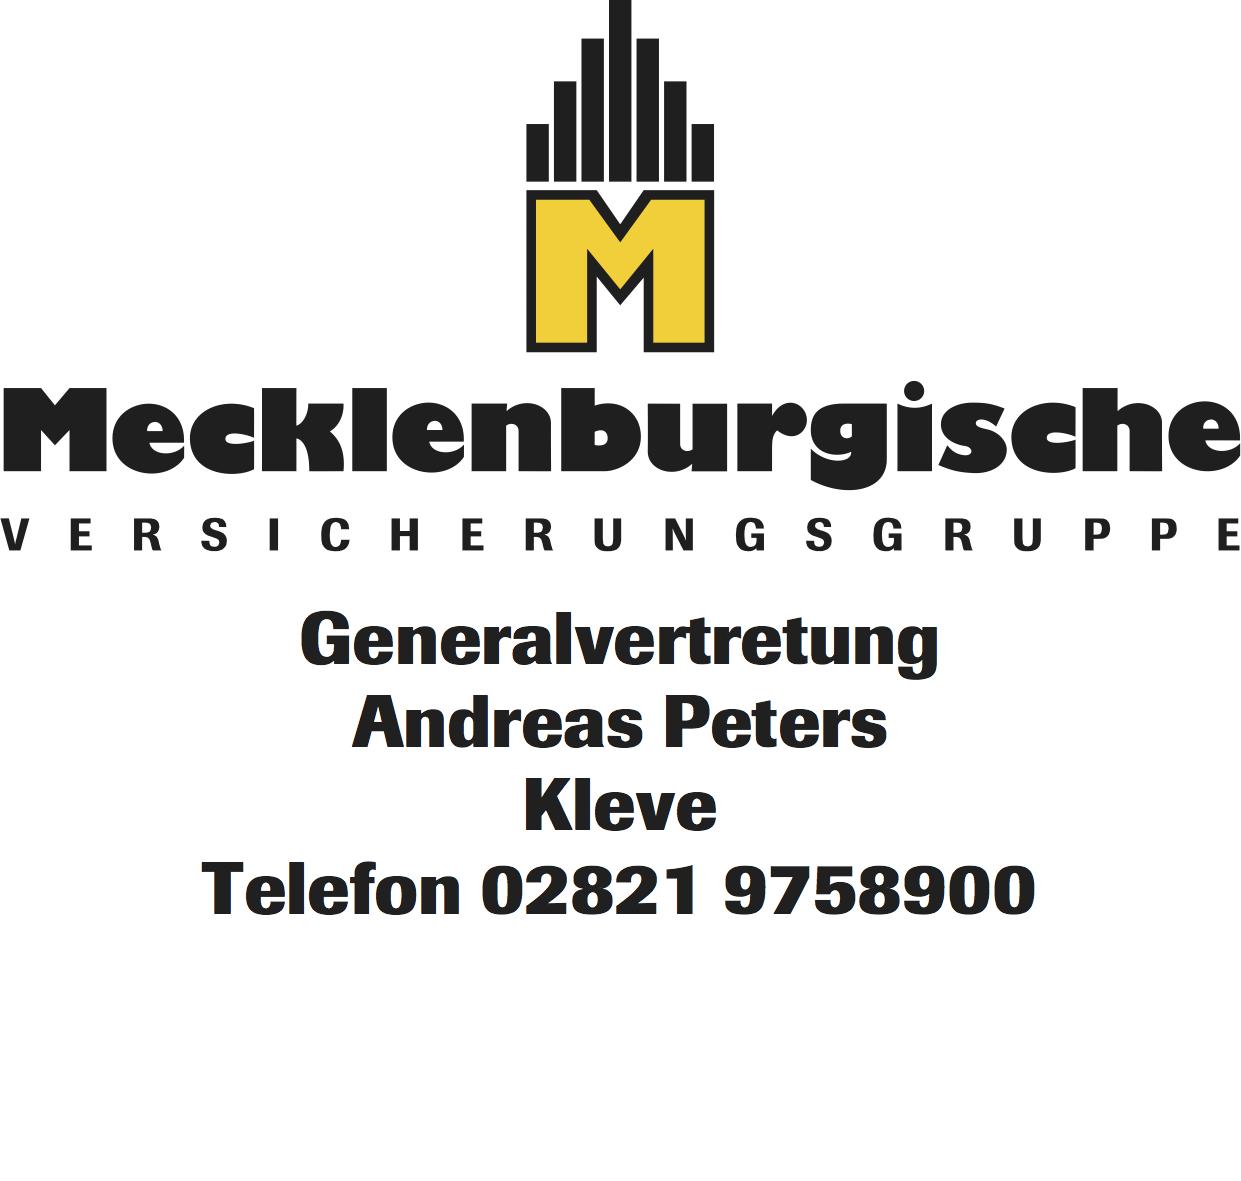 Mecklenburgische Andreas Peters